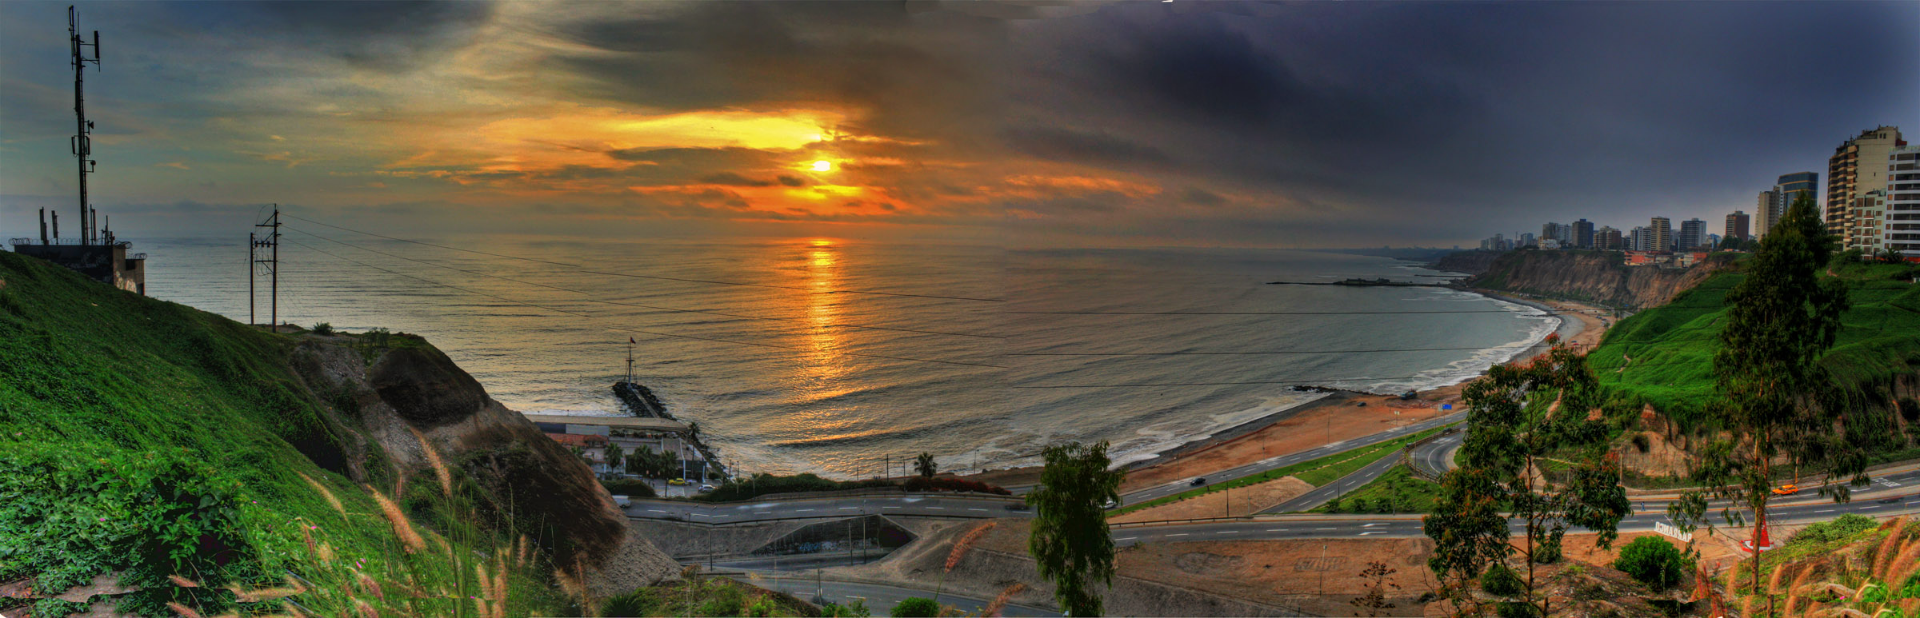 lima acantilados panorama_edited.jpg